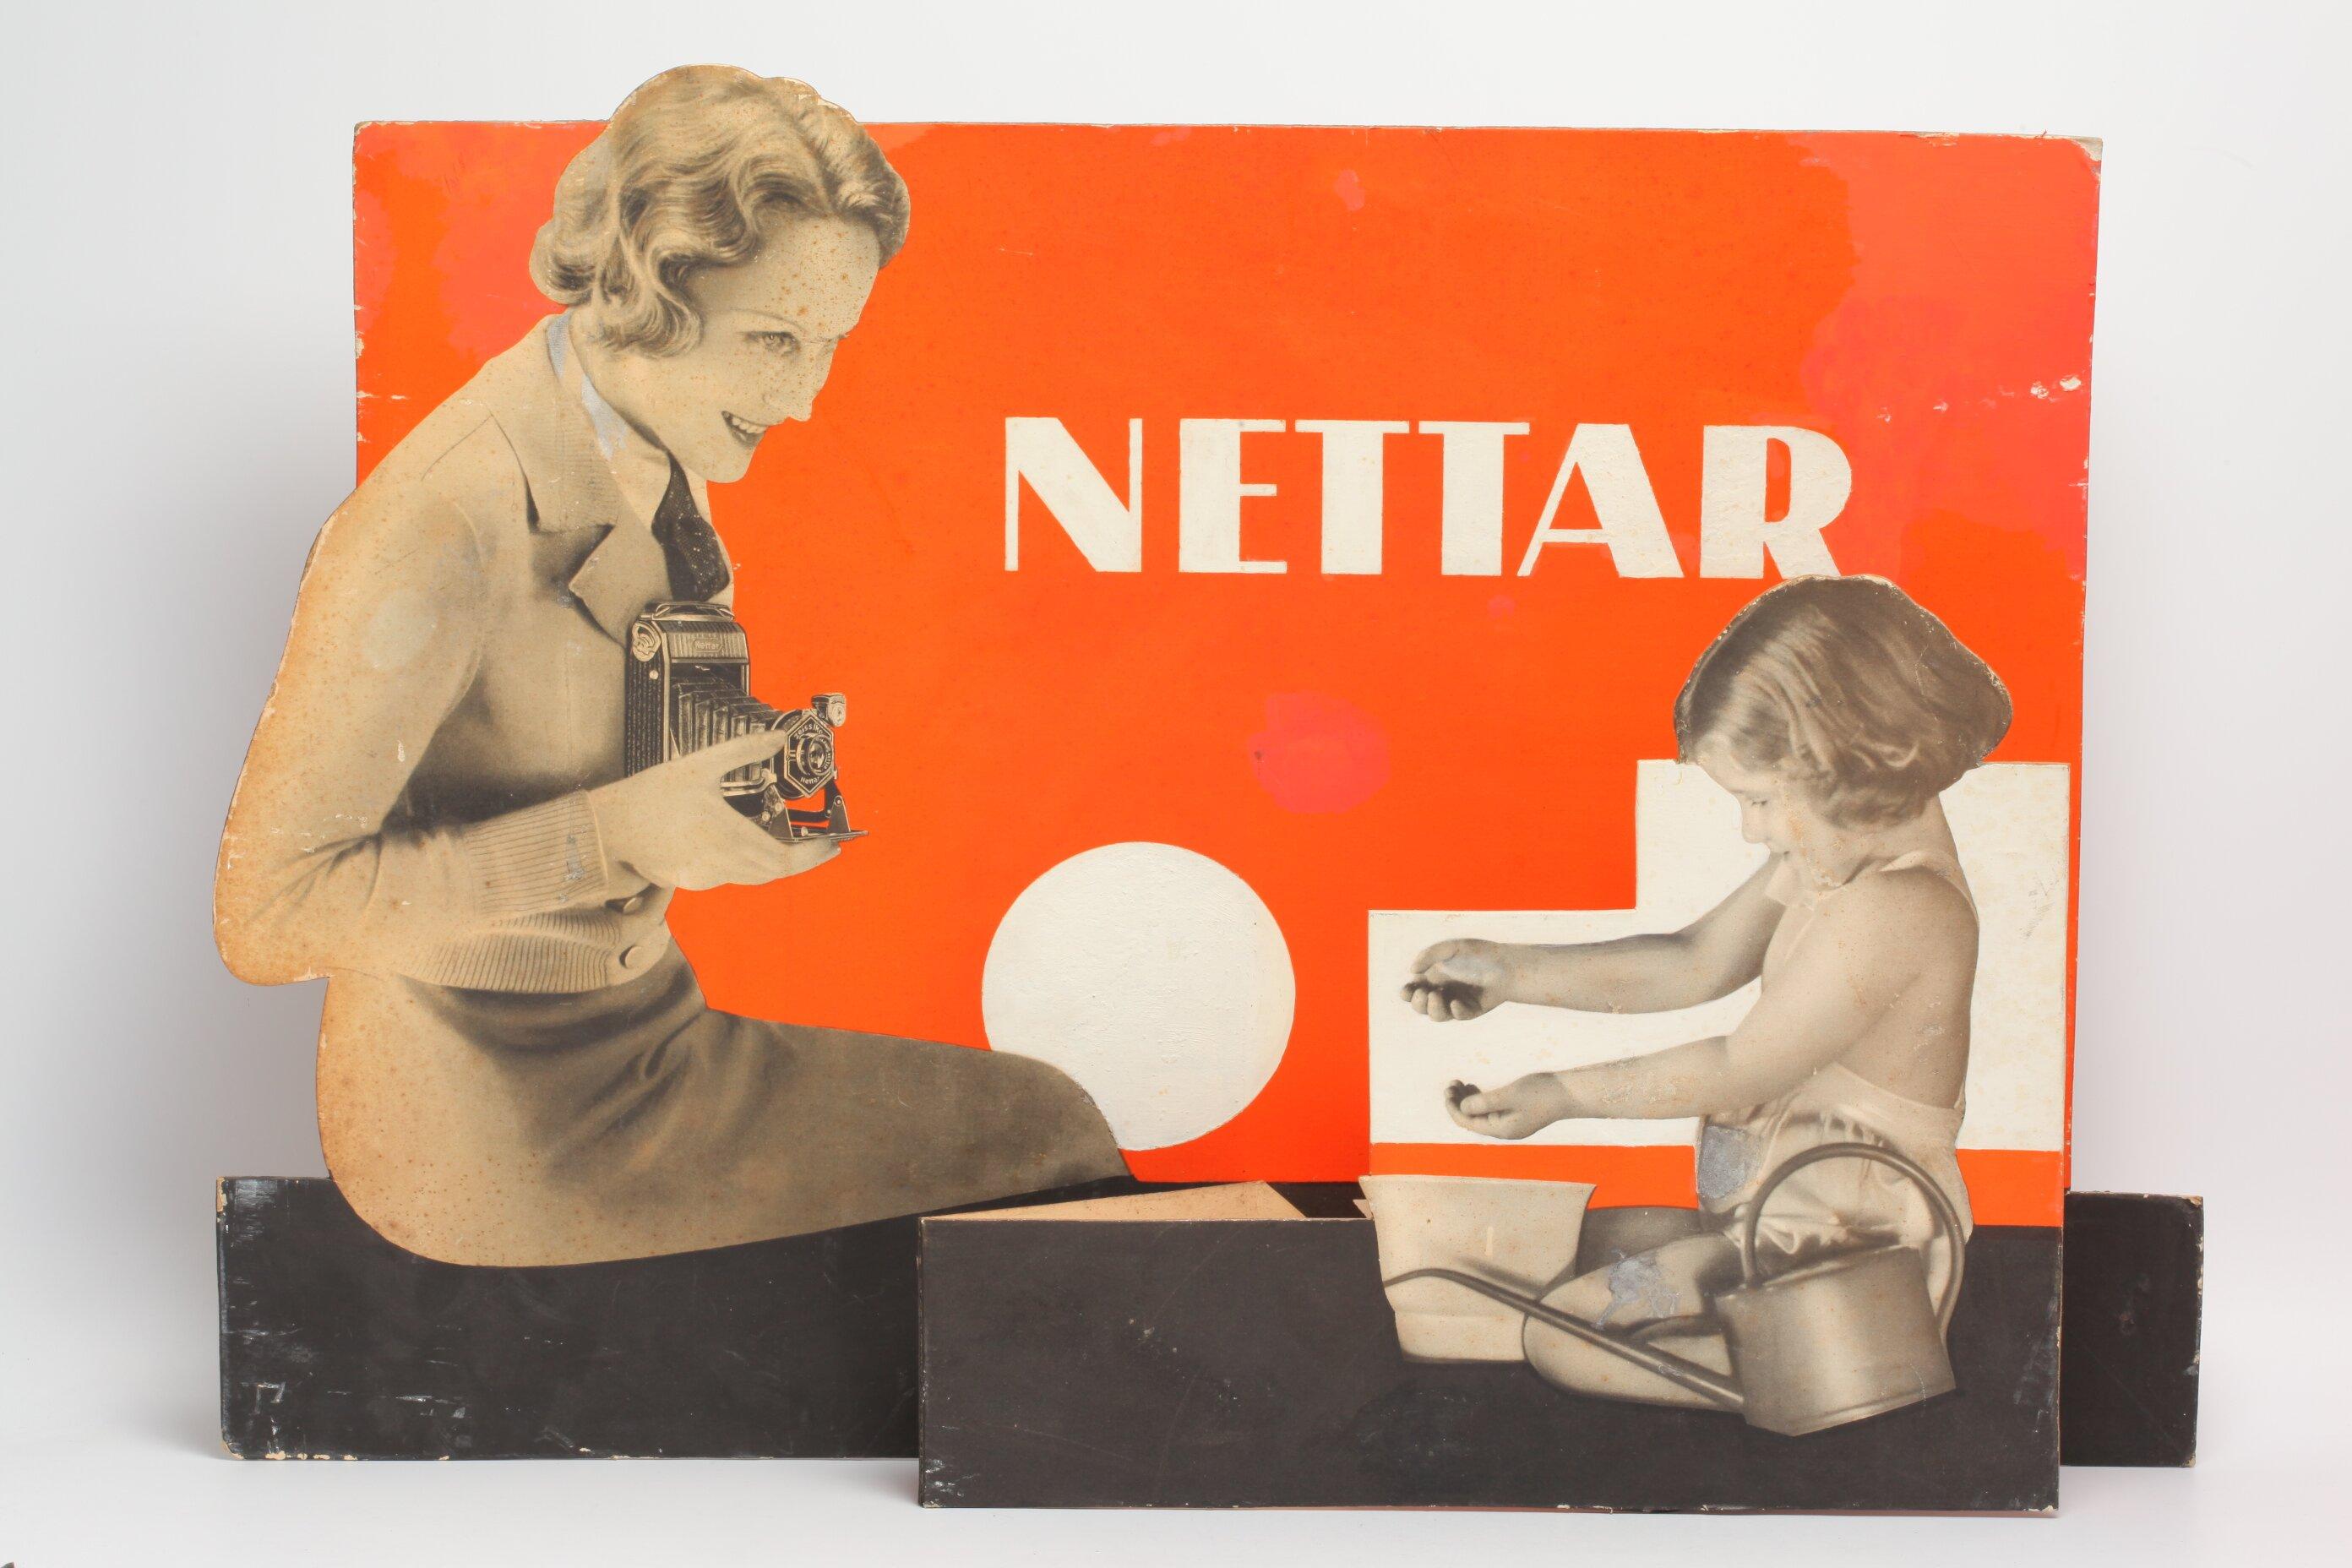 Zeiss Ikon Nettar Werbeschild mit Mutter und Kind